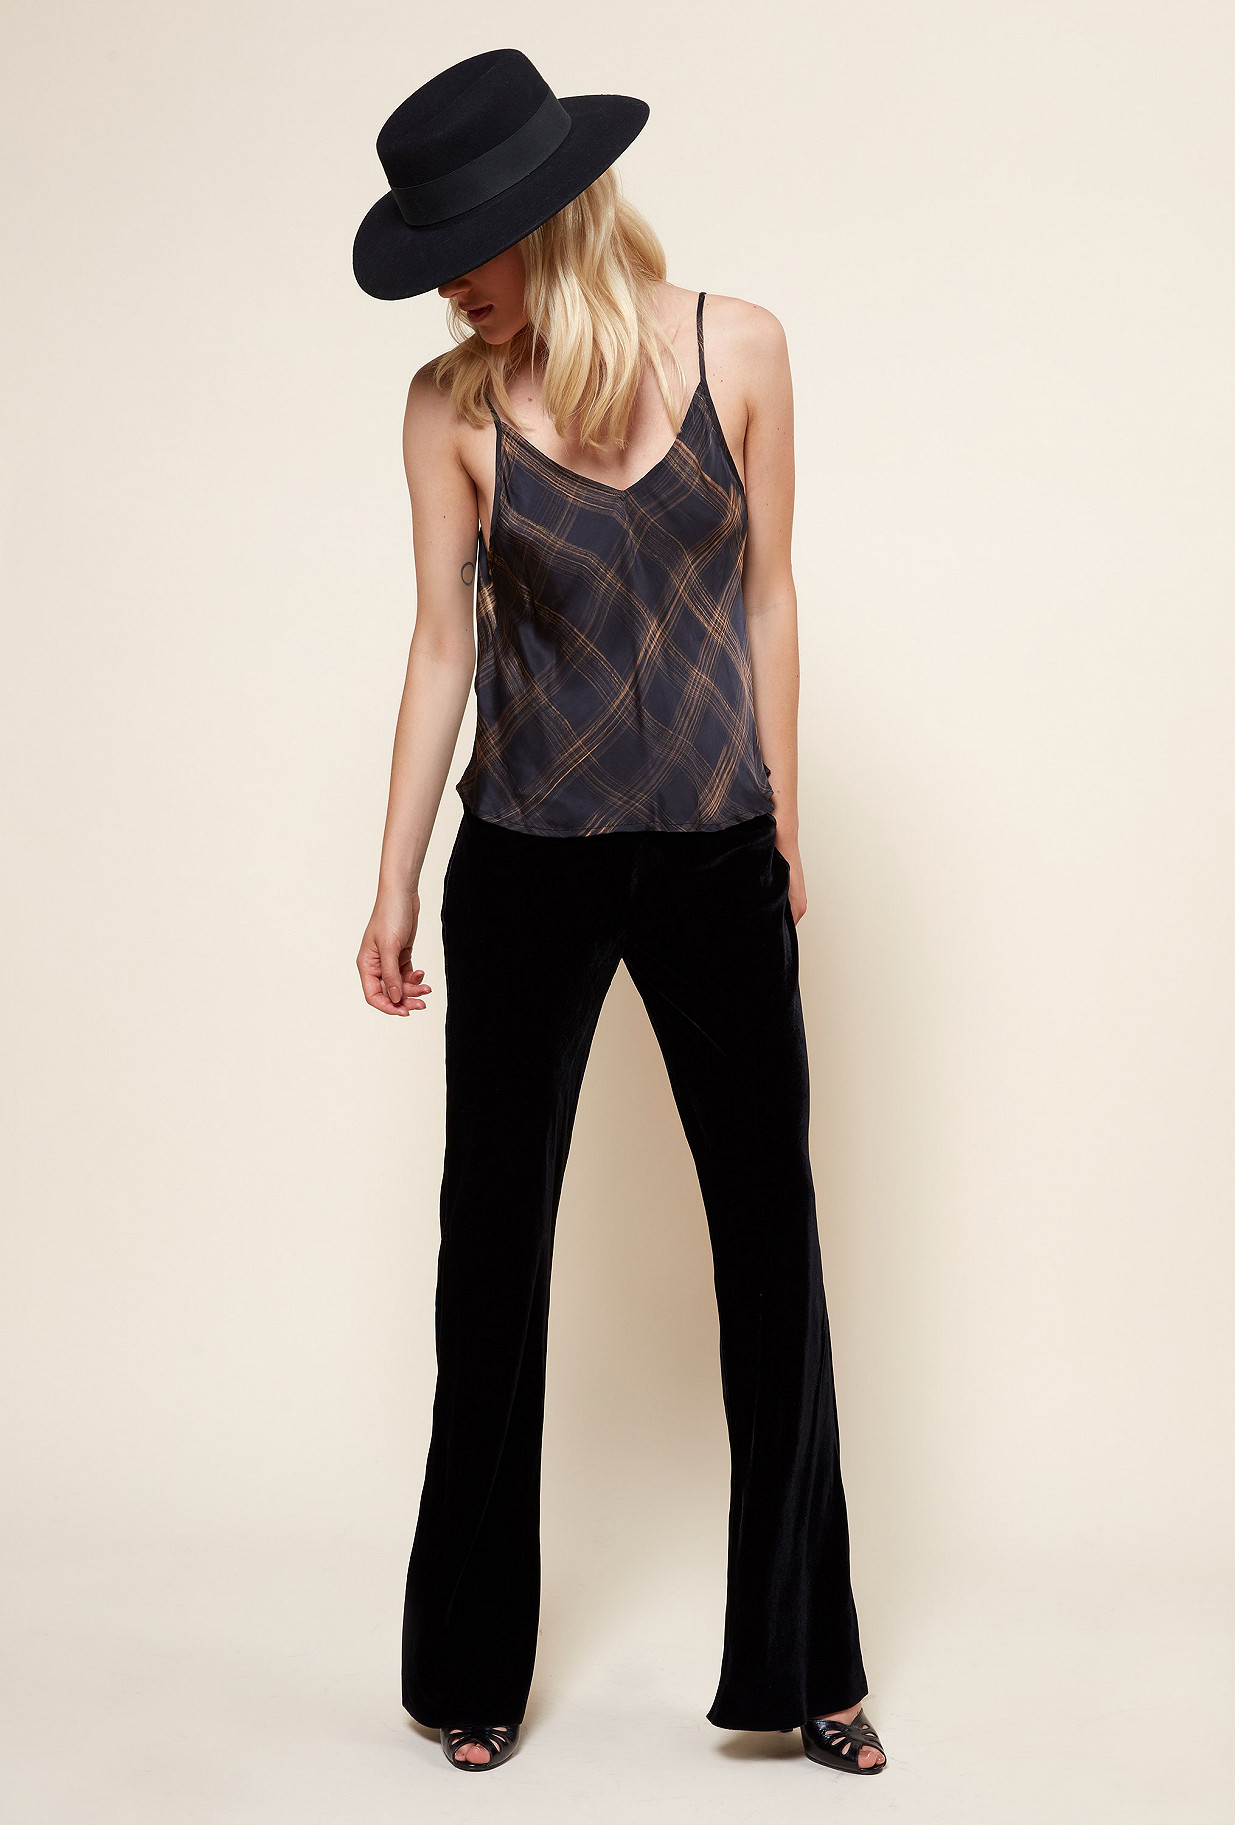 Black  TOP  George Mes demoiselles fashion clothes designer Paris